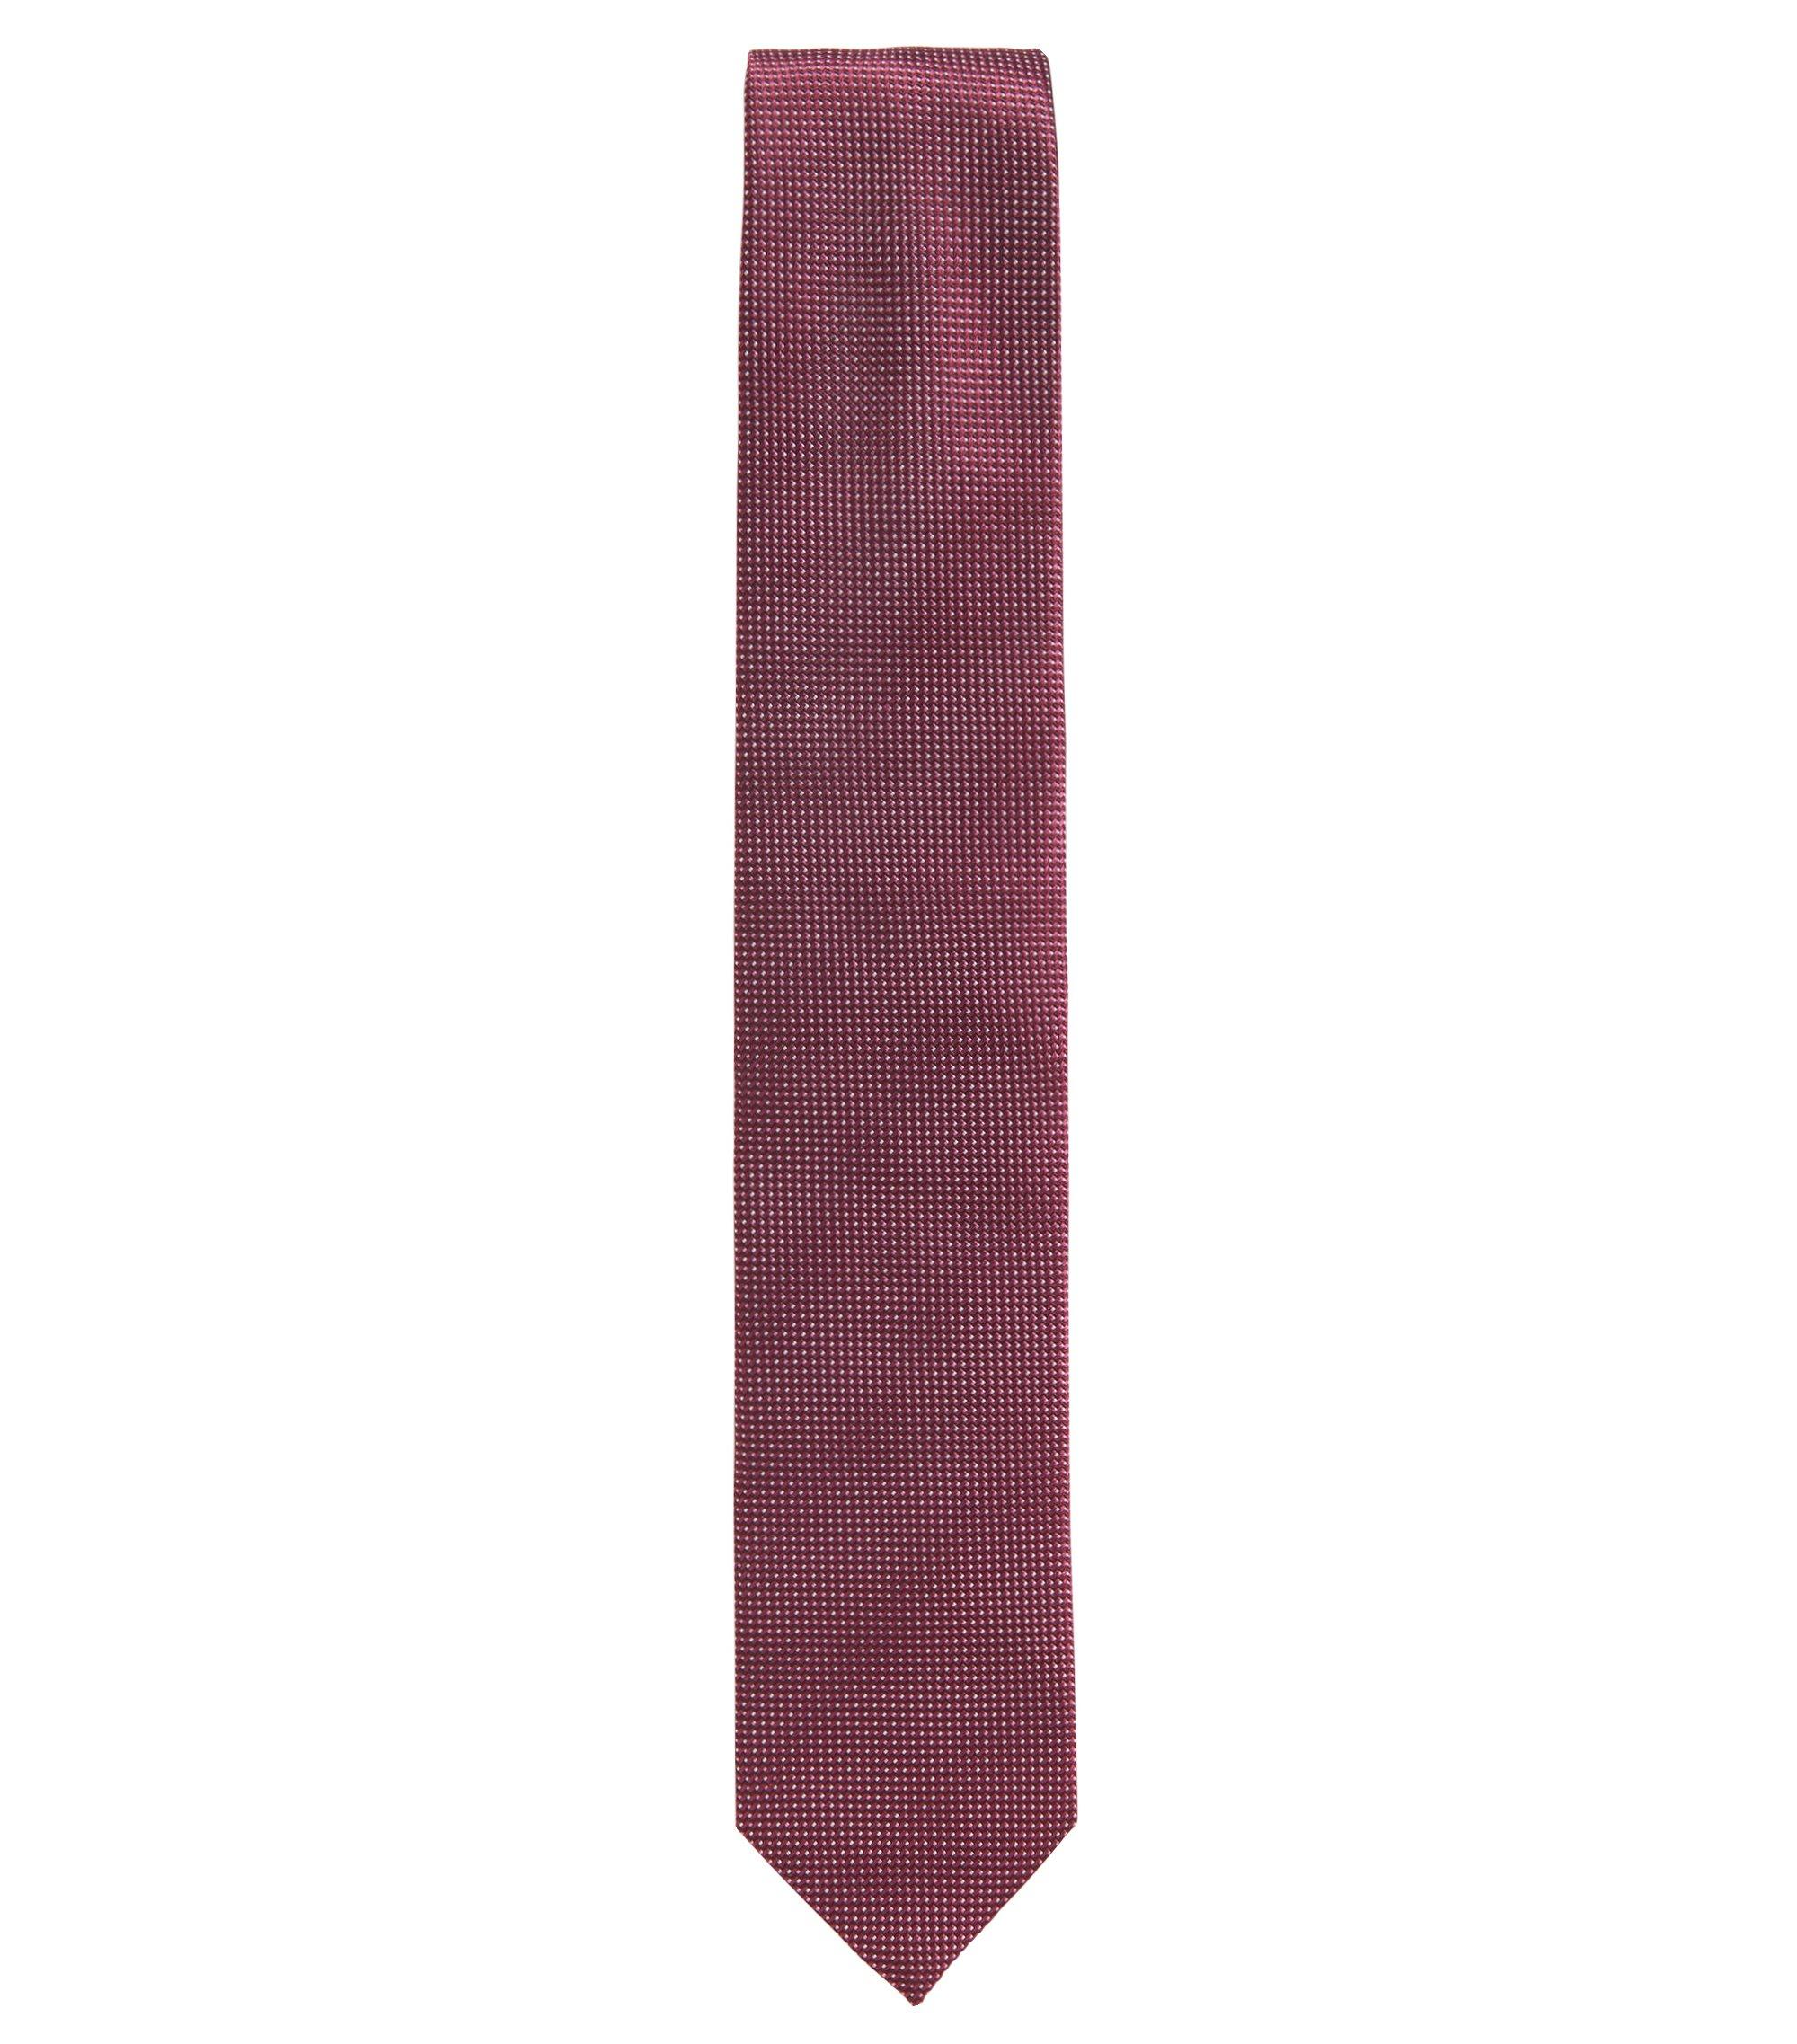 Cravatta in pura seta jacquard con microdisegni, Rosa scuro